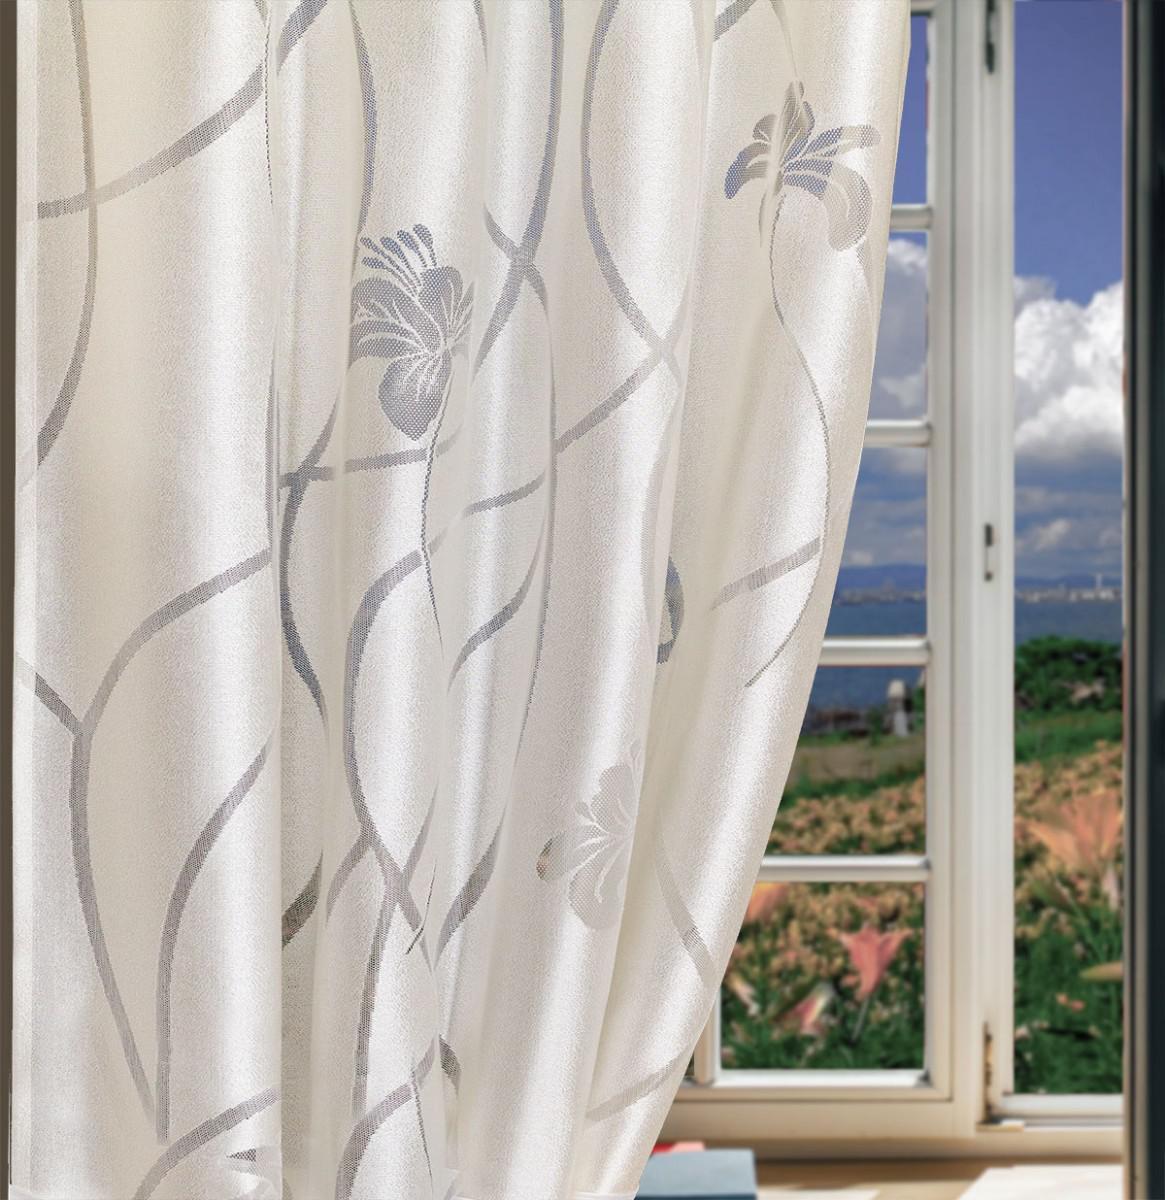 325940/155, ЛИЛИЯ, жаккард молочного цвета с  вытканным рисунком, ширина 155 си